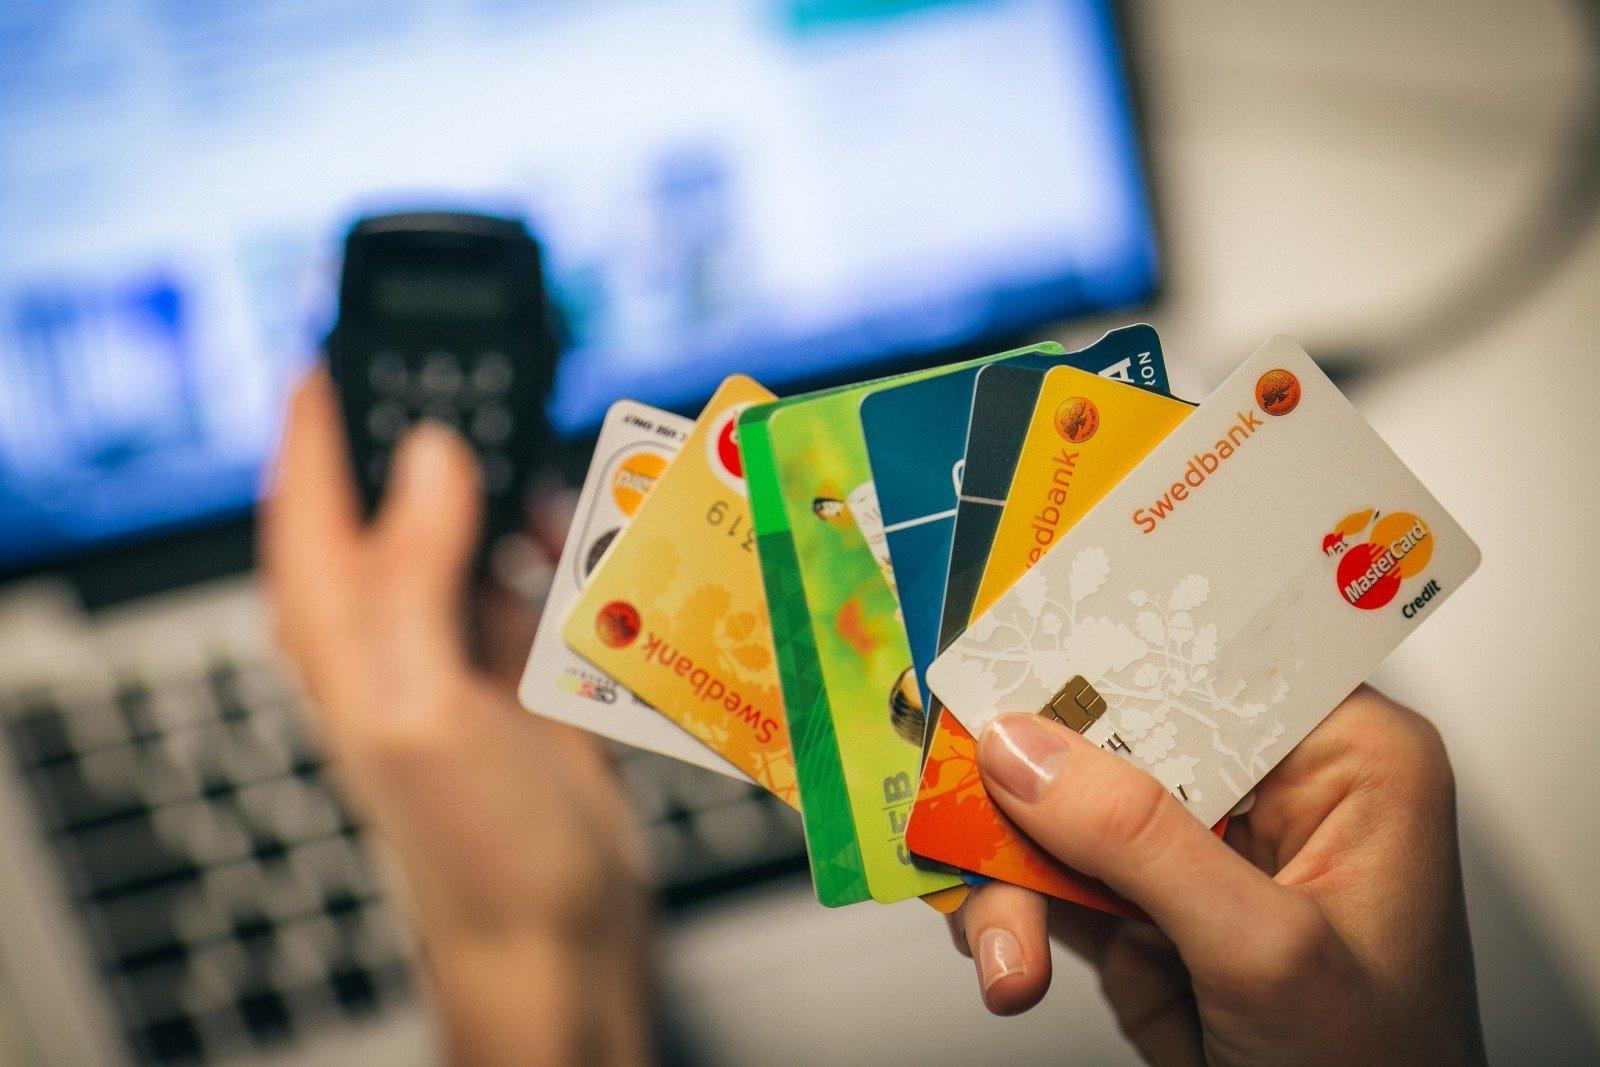 prekybos galimybės grynųjų pinigų sąskaitoje prekybos viltimis akučių sistemos elementai